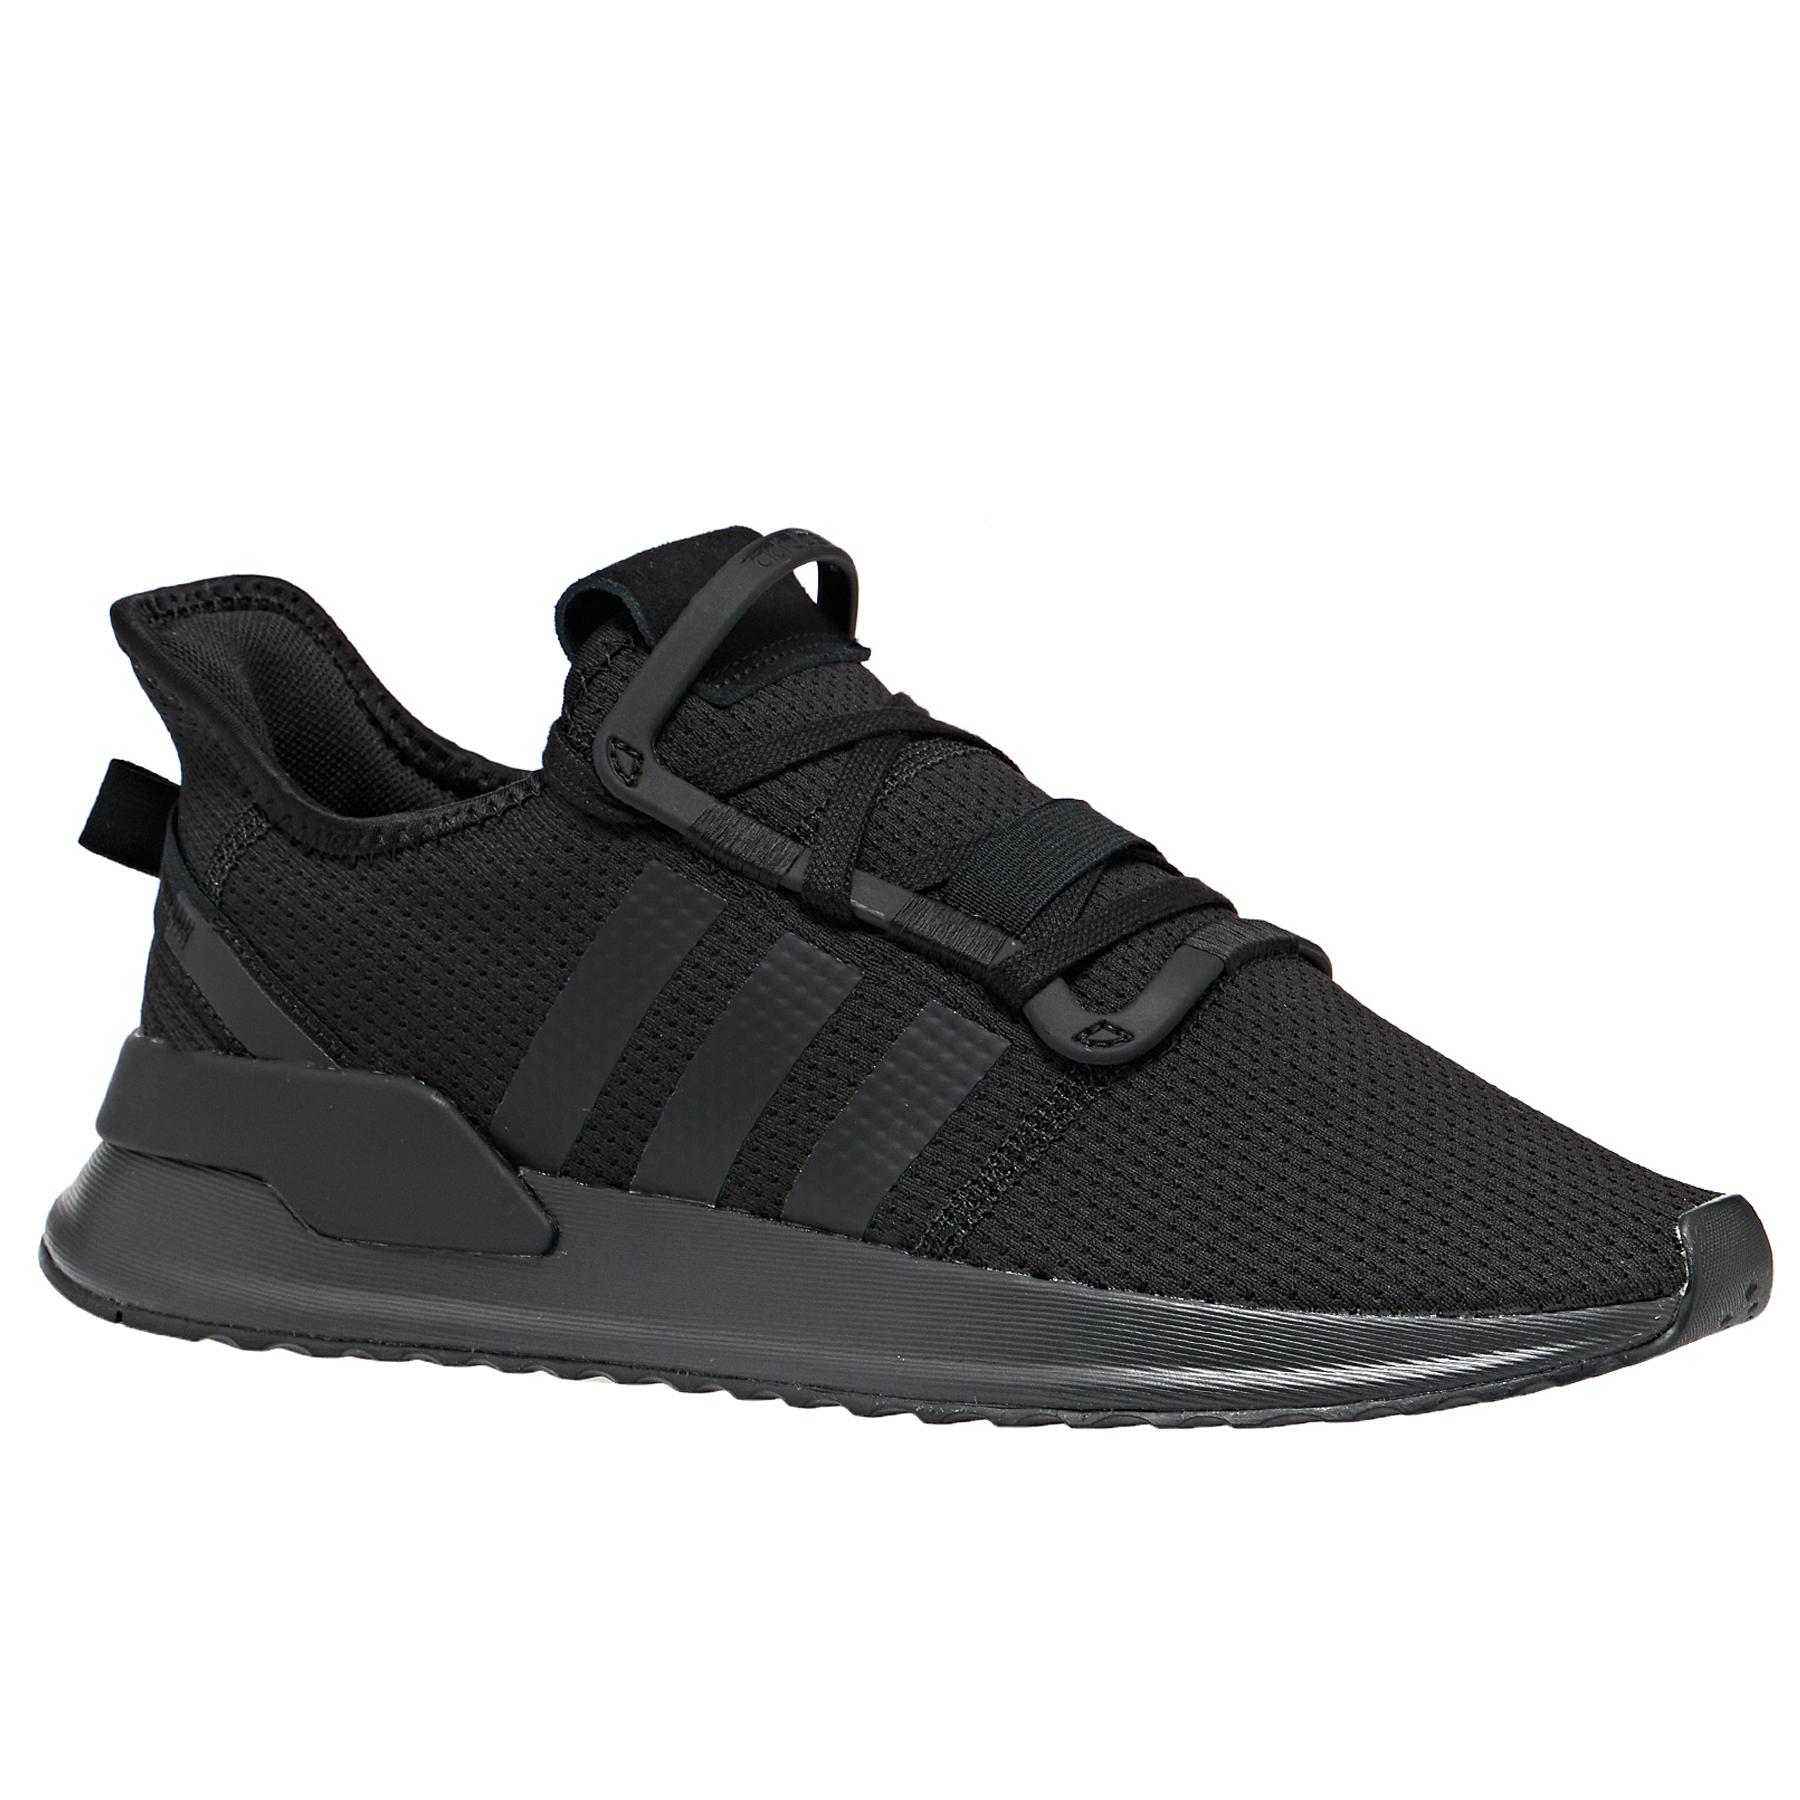 constantemente Centro de niños prisión  Adidas Originals U Path Run Footwear Trainers - Black All Sizes | eBay